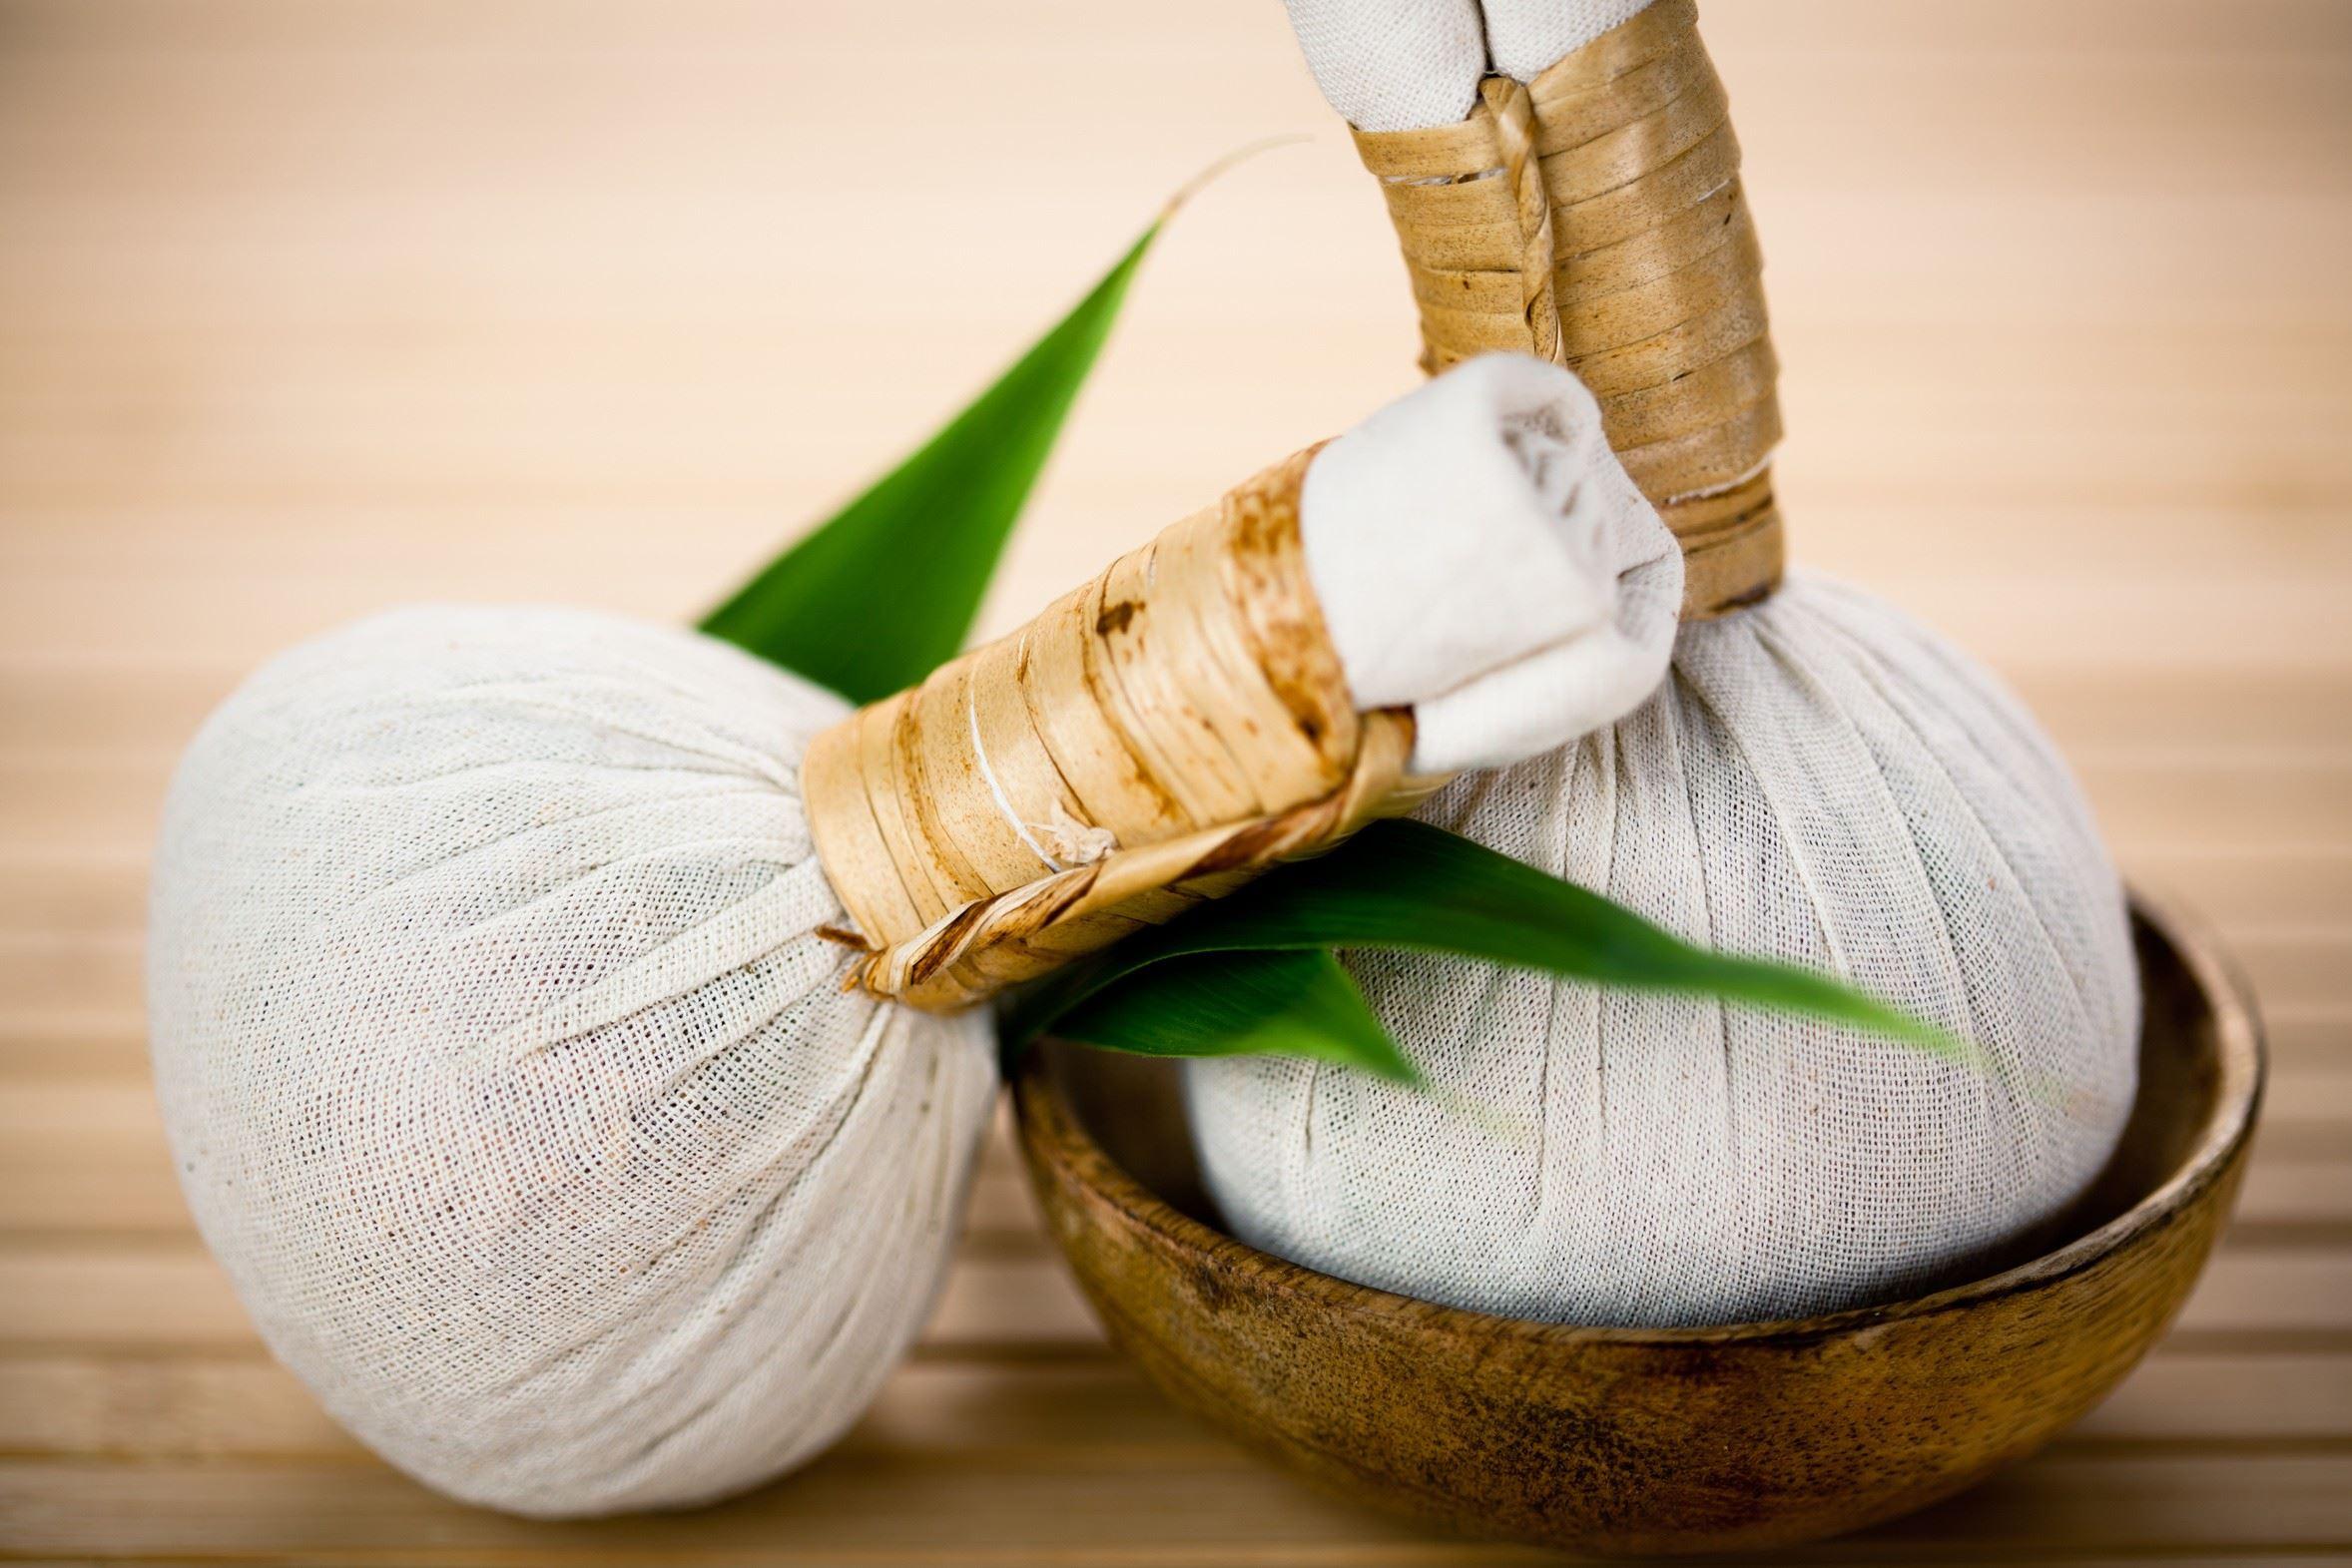 P strandvejens thai wellness og massage .